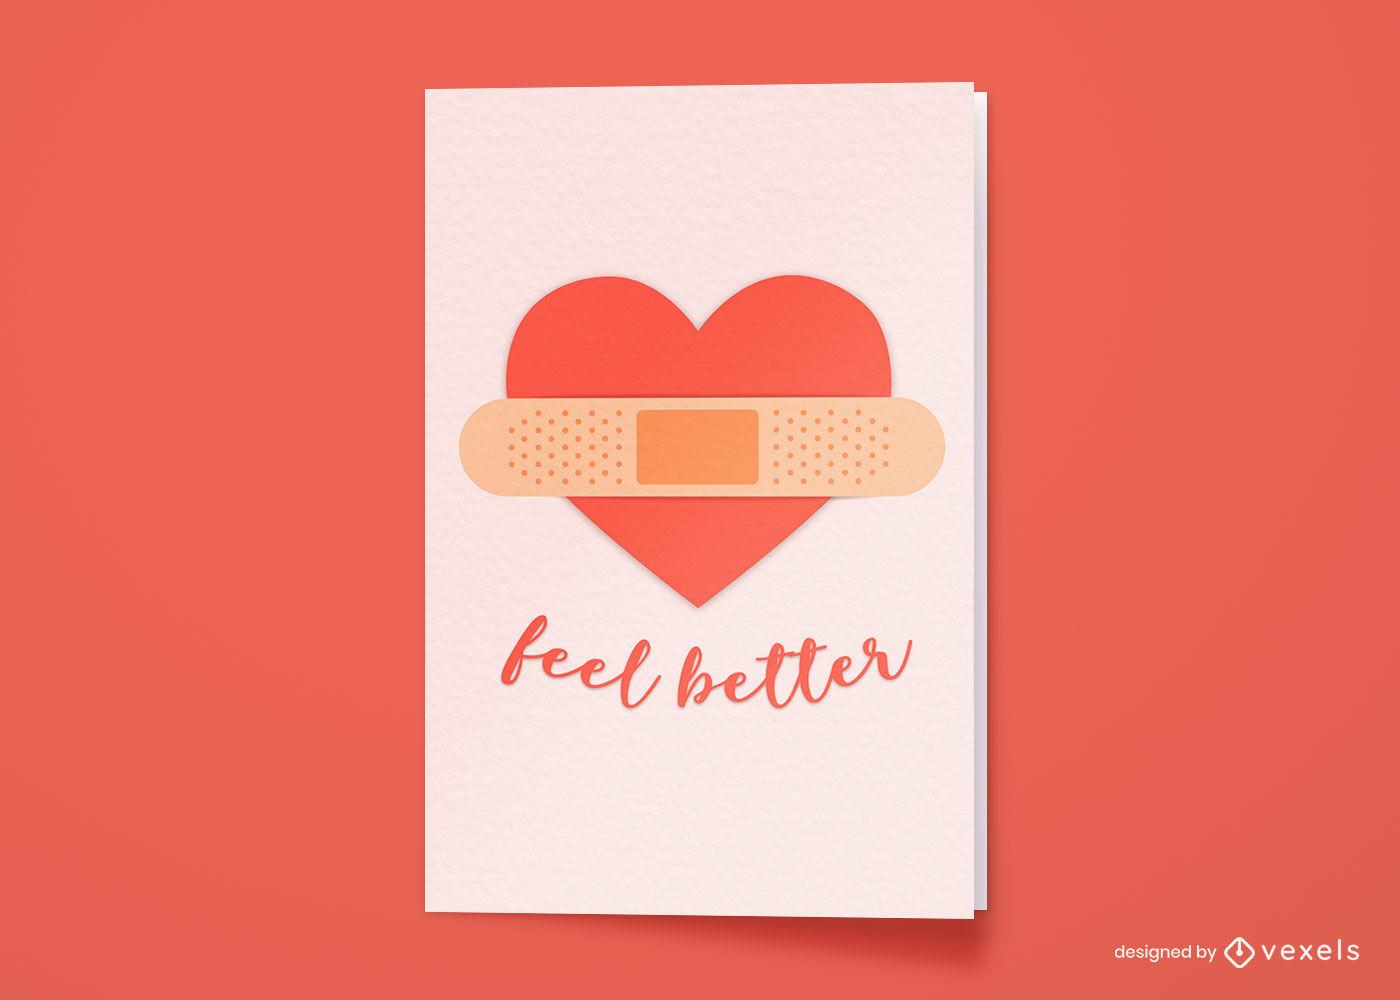 Tarjeta de felicitación de salud cardíaca vendada